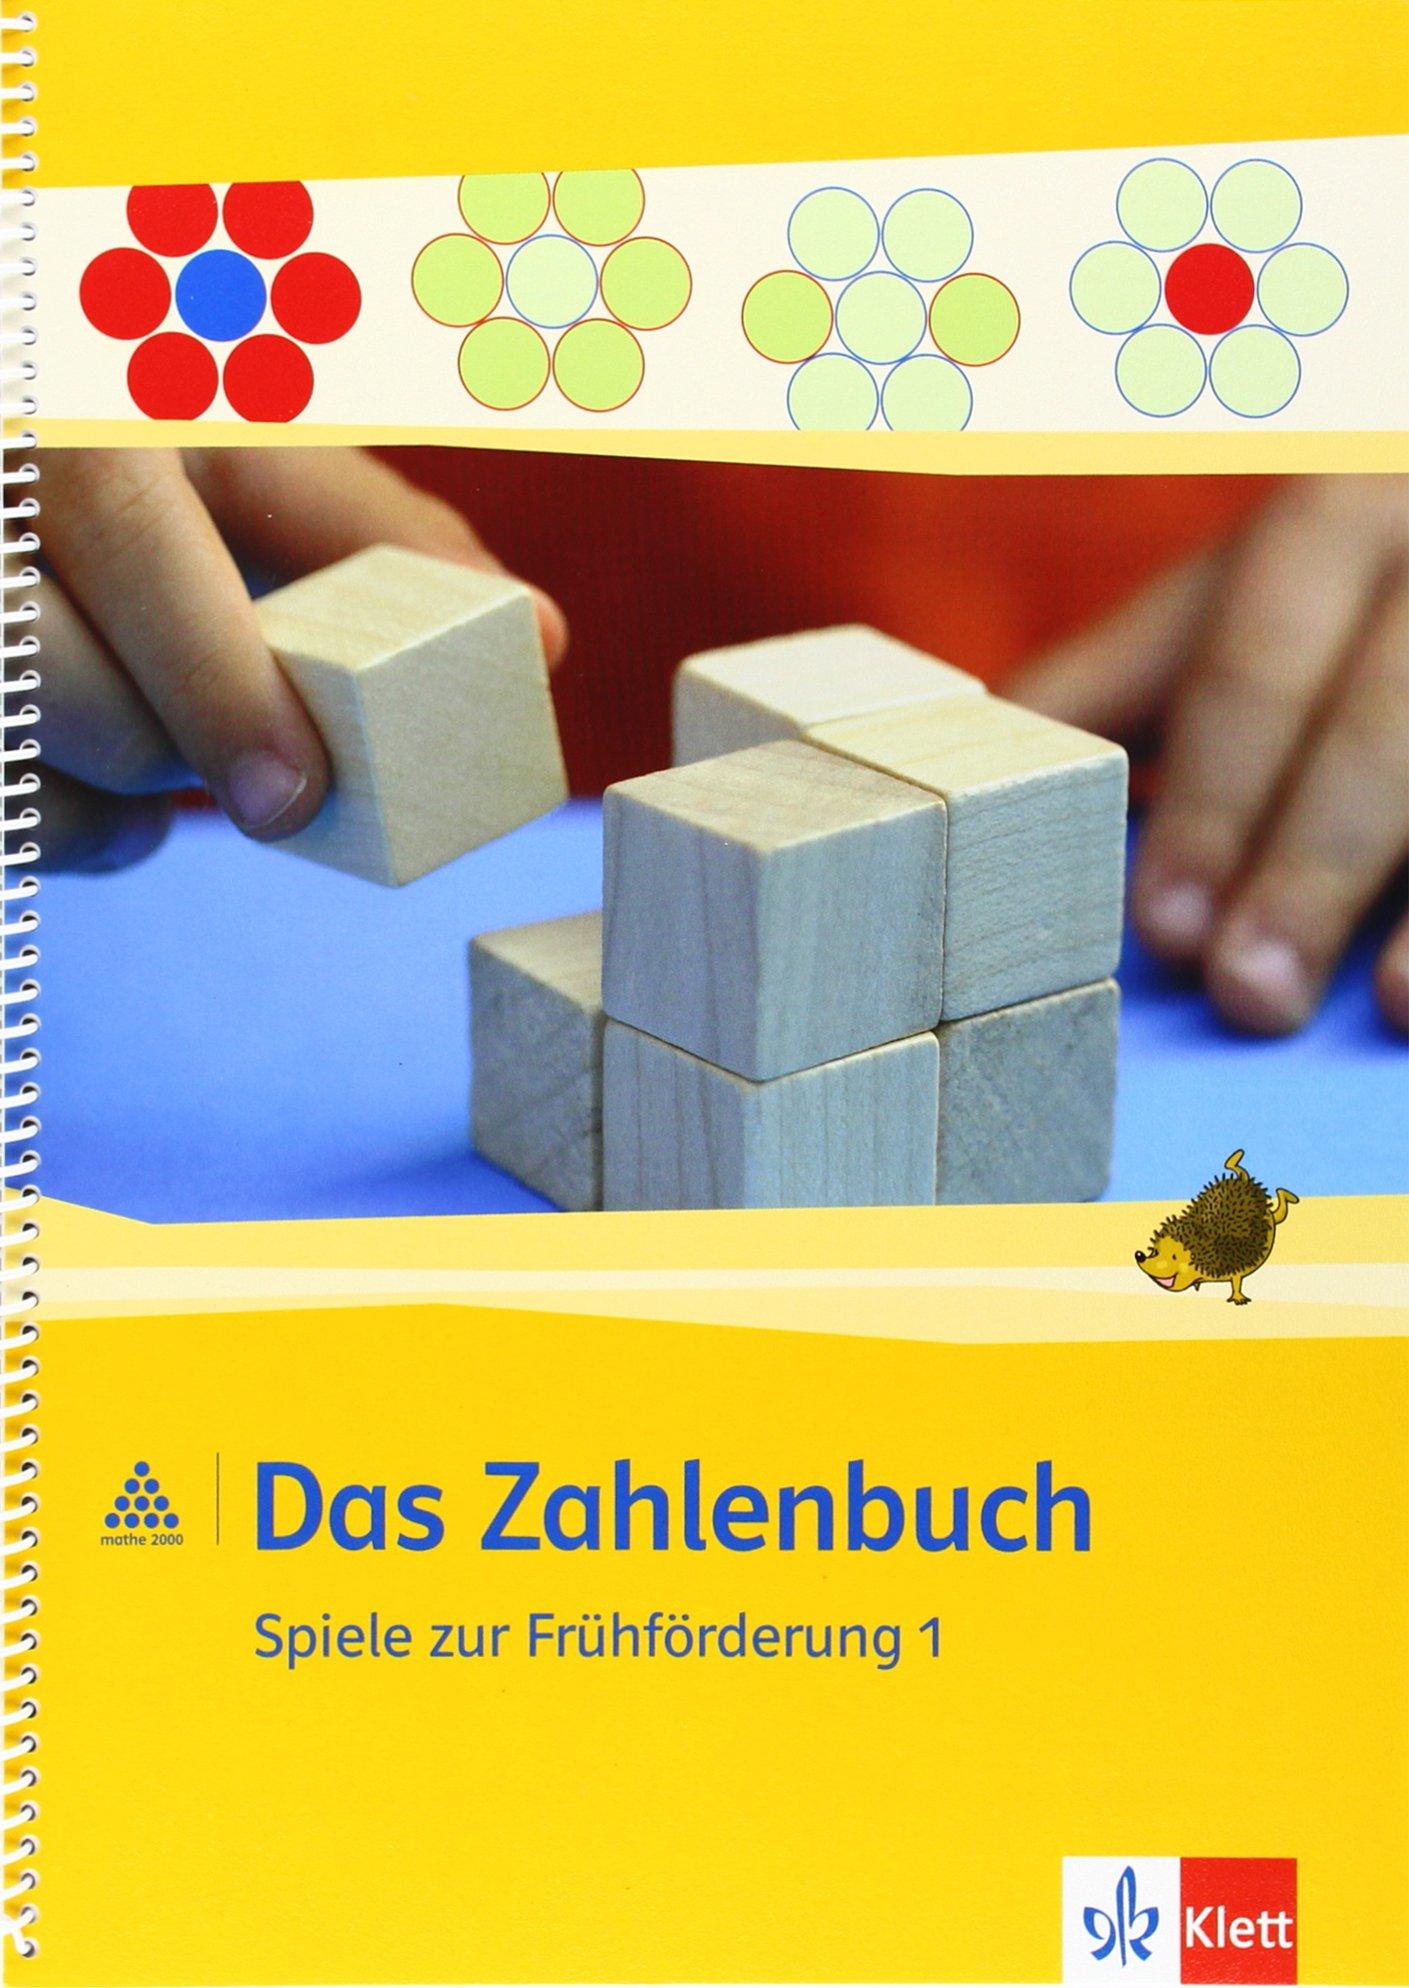 Das Zahlenbuch Frühförderung / Spiele zur Frühförderung 1